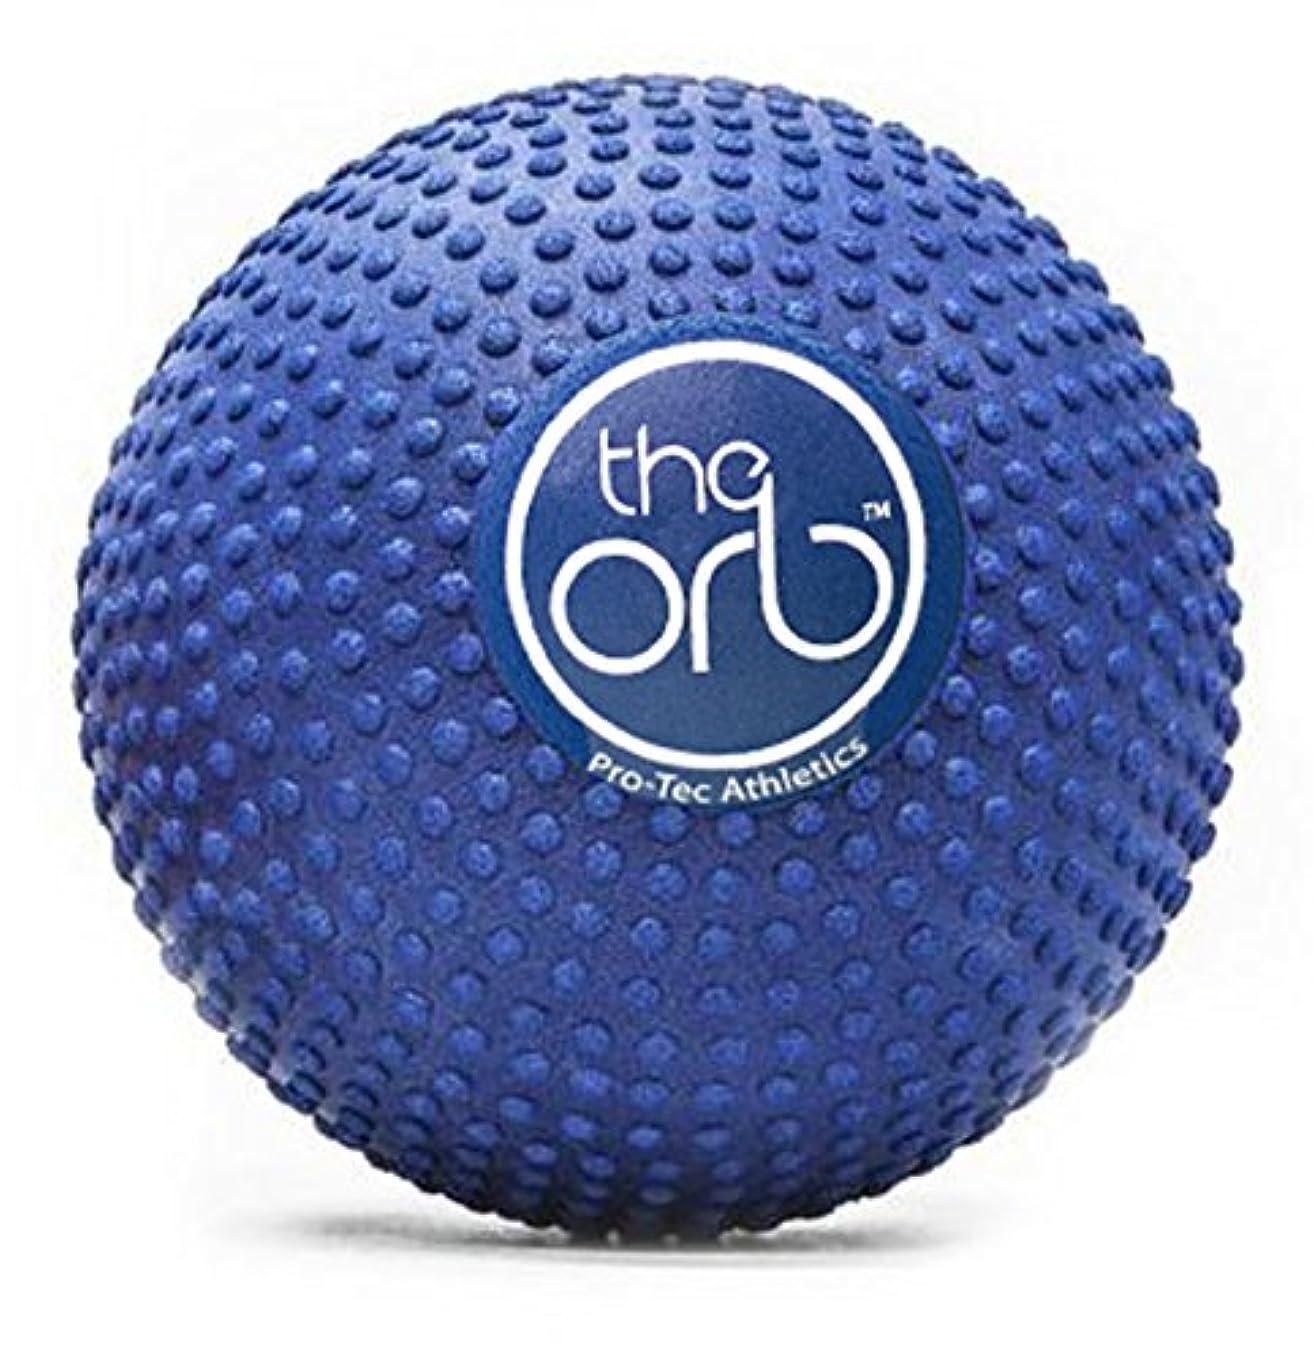 熟読するハンドブック発明するPro-Tec Athletics(プロテックアスレチックス) The Orb 5